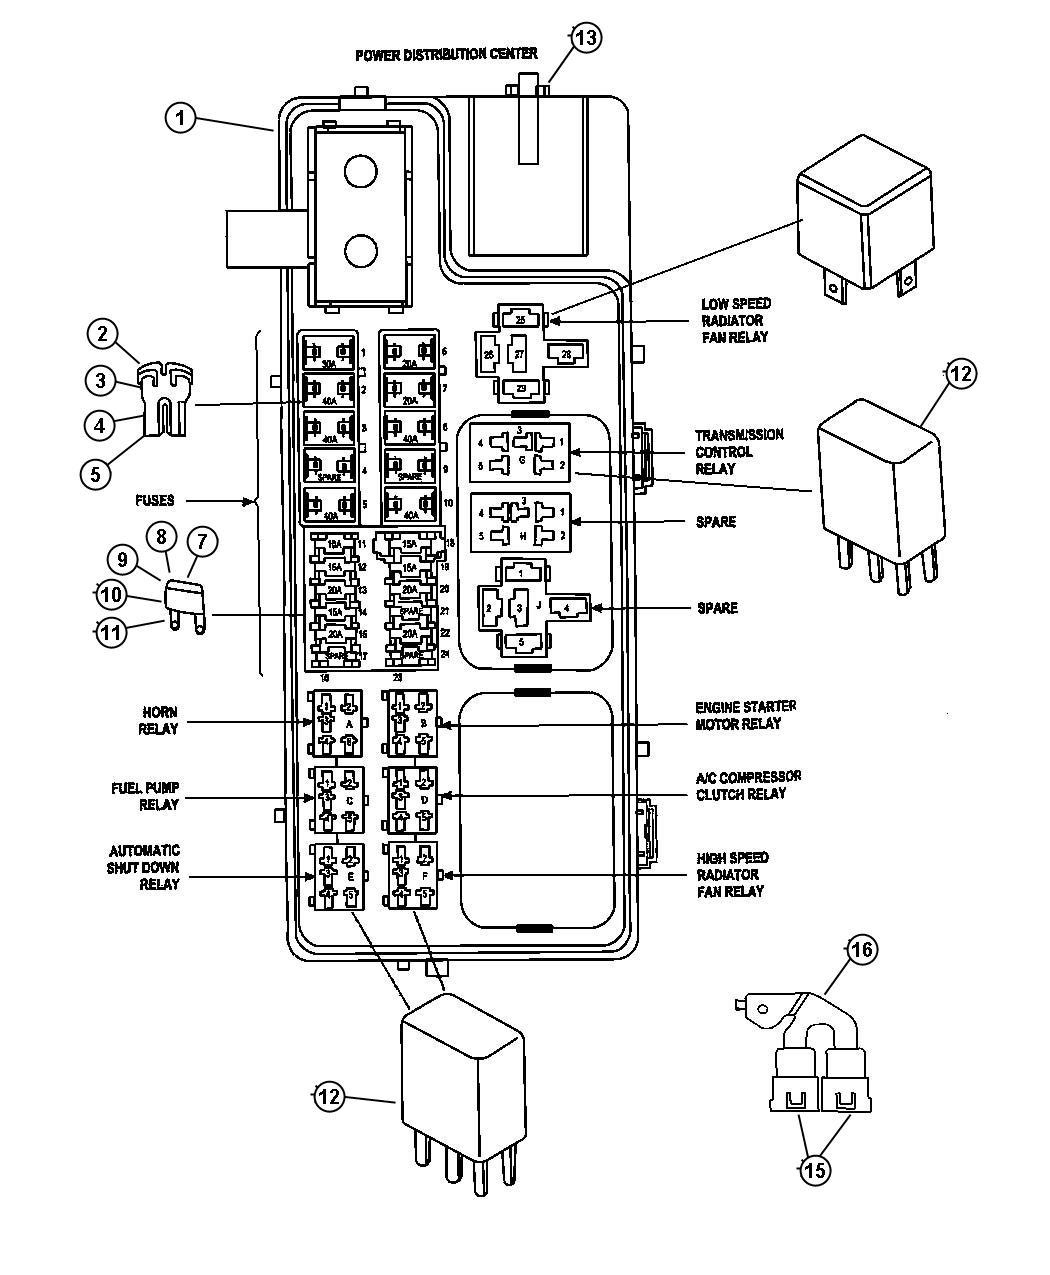 07 Chrysler 300 Wiring Diagram